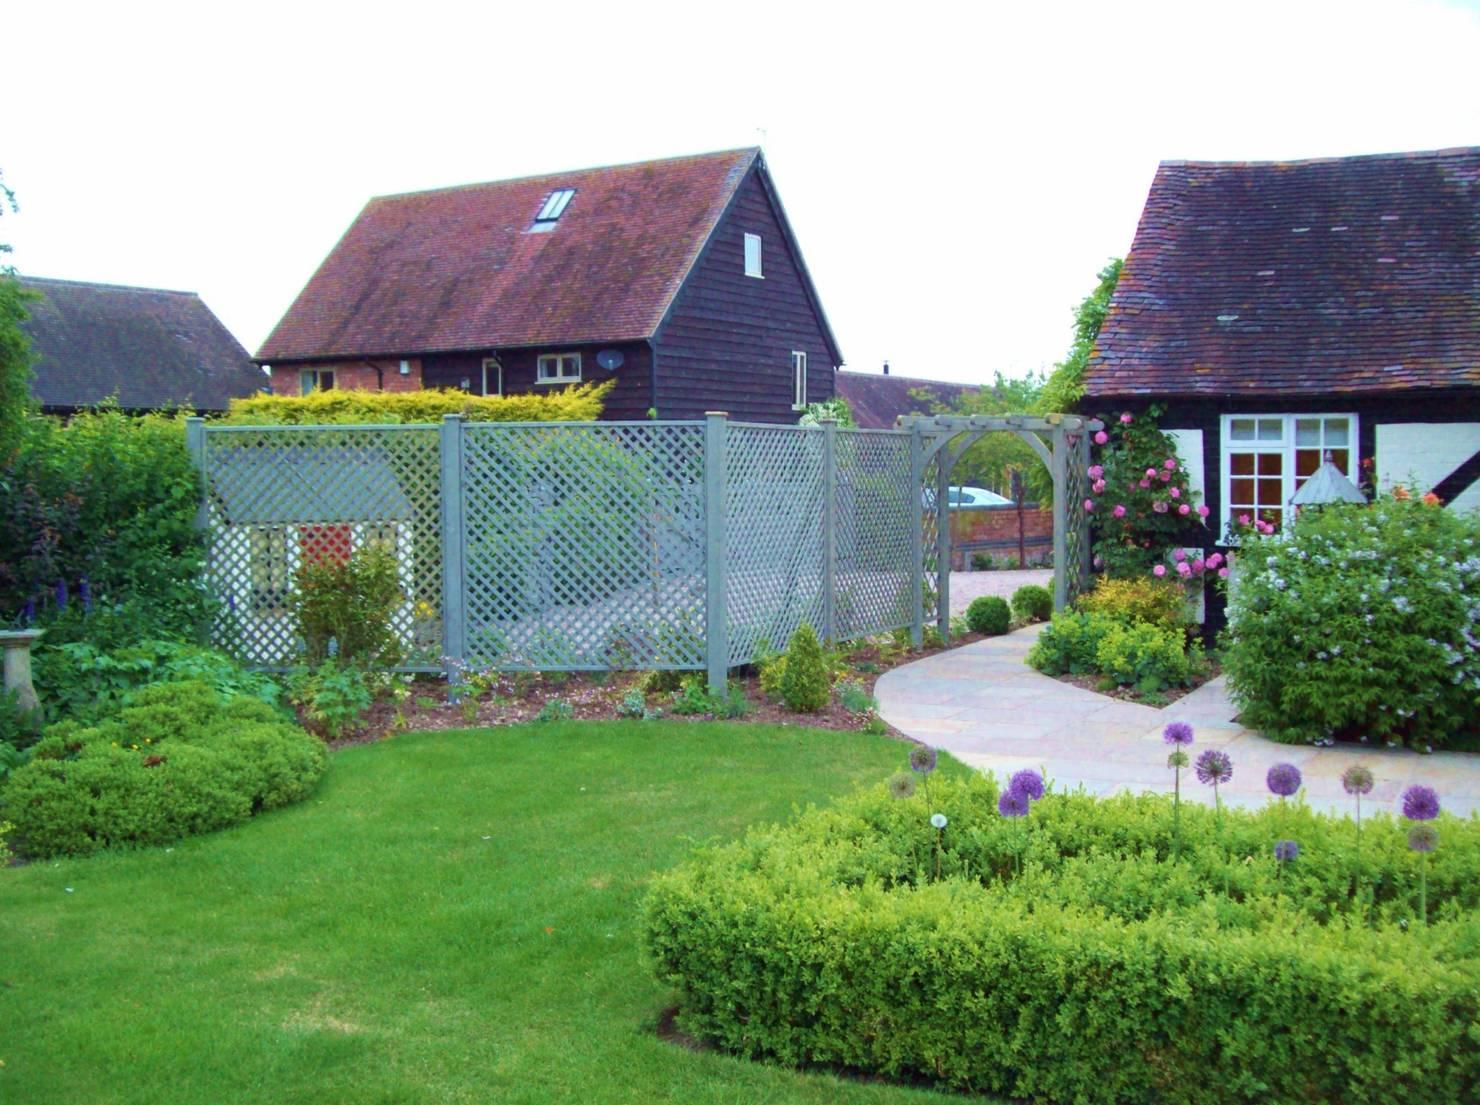 10 Ideen für Gartenzäune, bei denen deine Nachbarschaft Augen machen wird